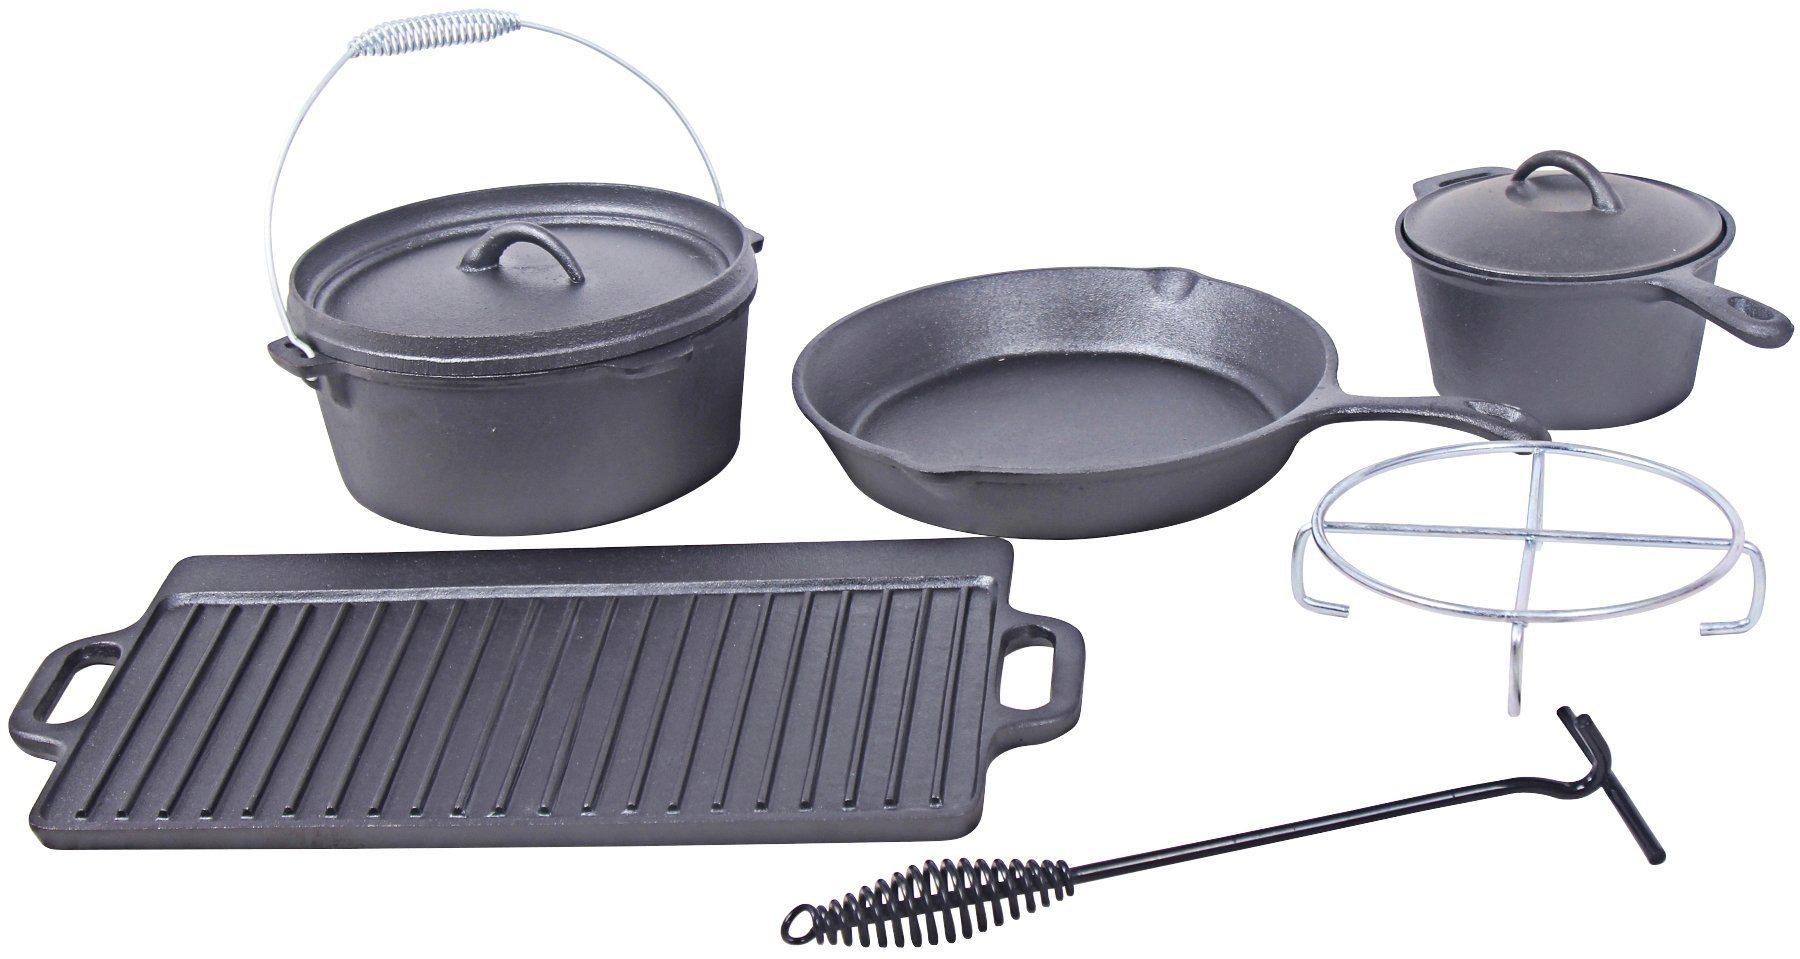 EL FUEGO Feuertopf-Set »Dutch Oven AY 466«, 7-tlg. | Garten > Grill und Zubehör > Grillzubehör | El Fuego